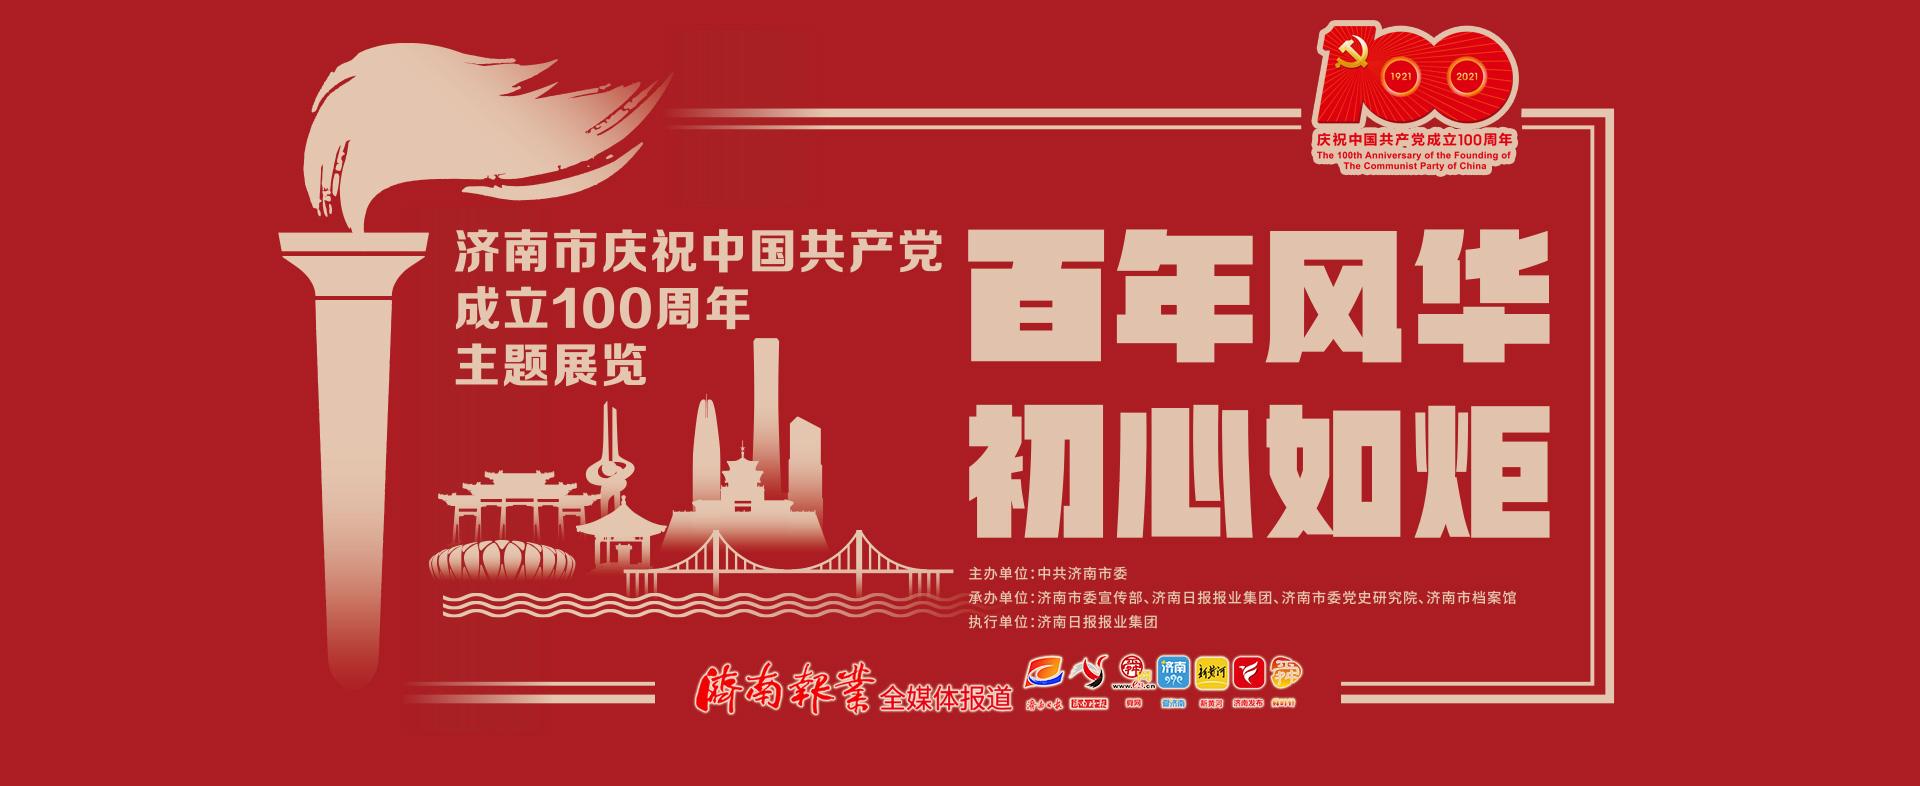 美高梅集团|济南市庆祝建党百年主题展